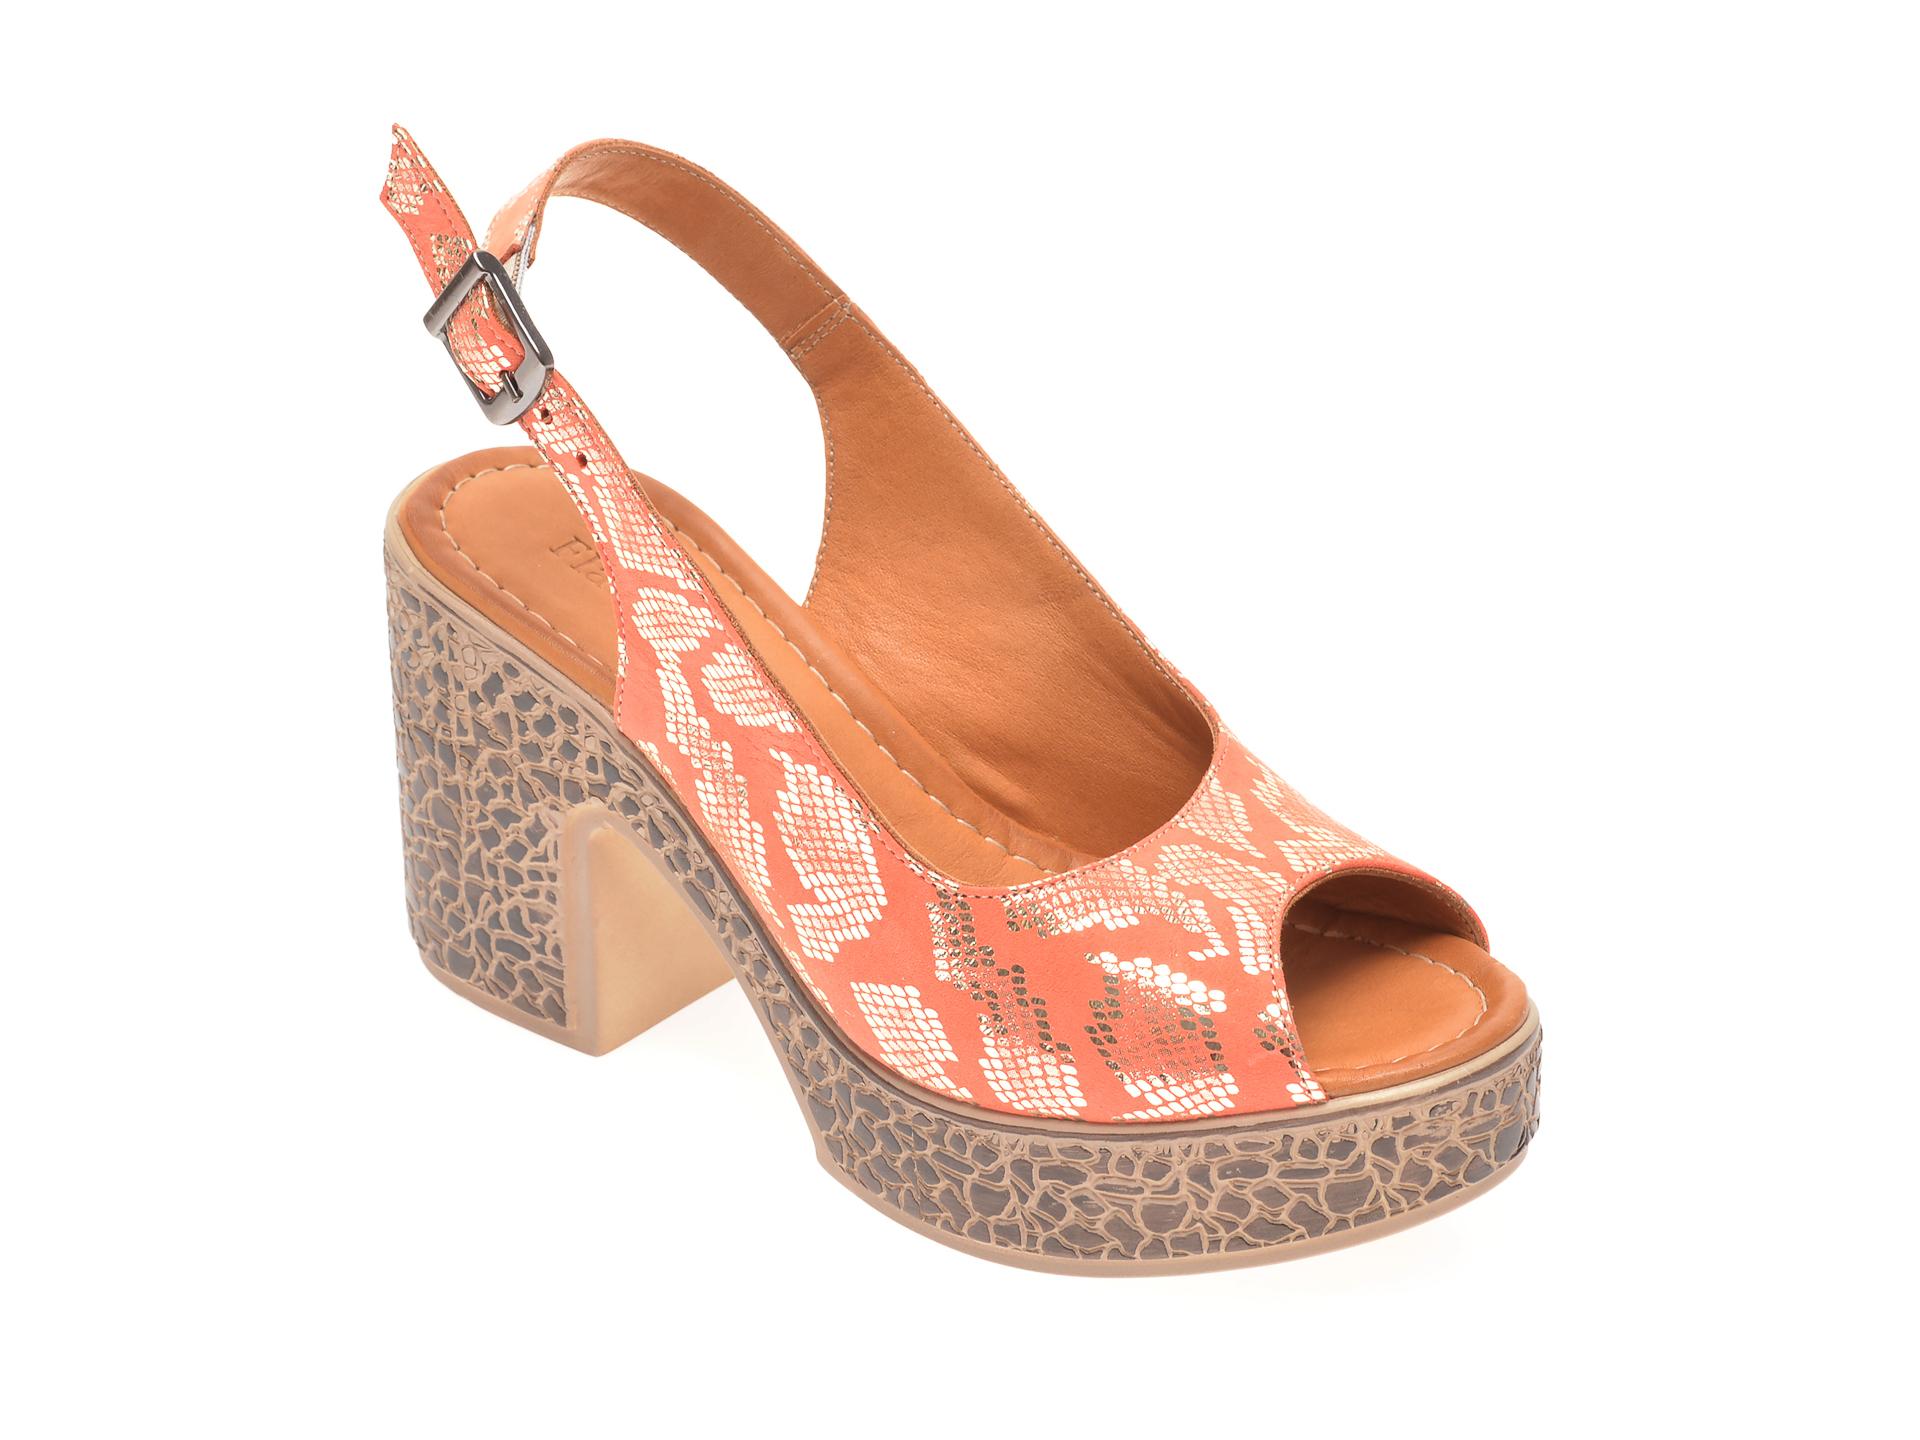 Sandale FLAVIA PASSINI portocalii, 1181735, din piele naturala imagine